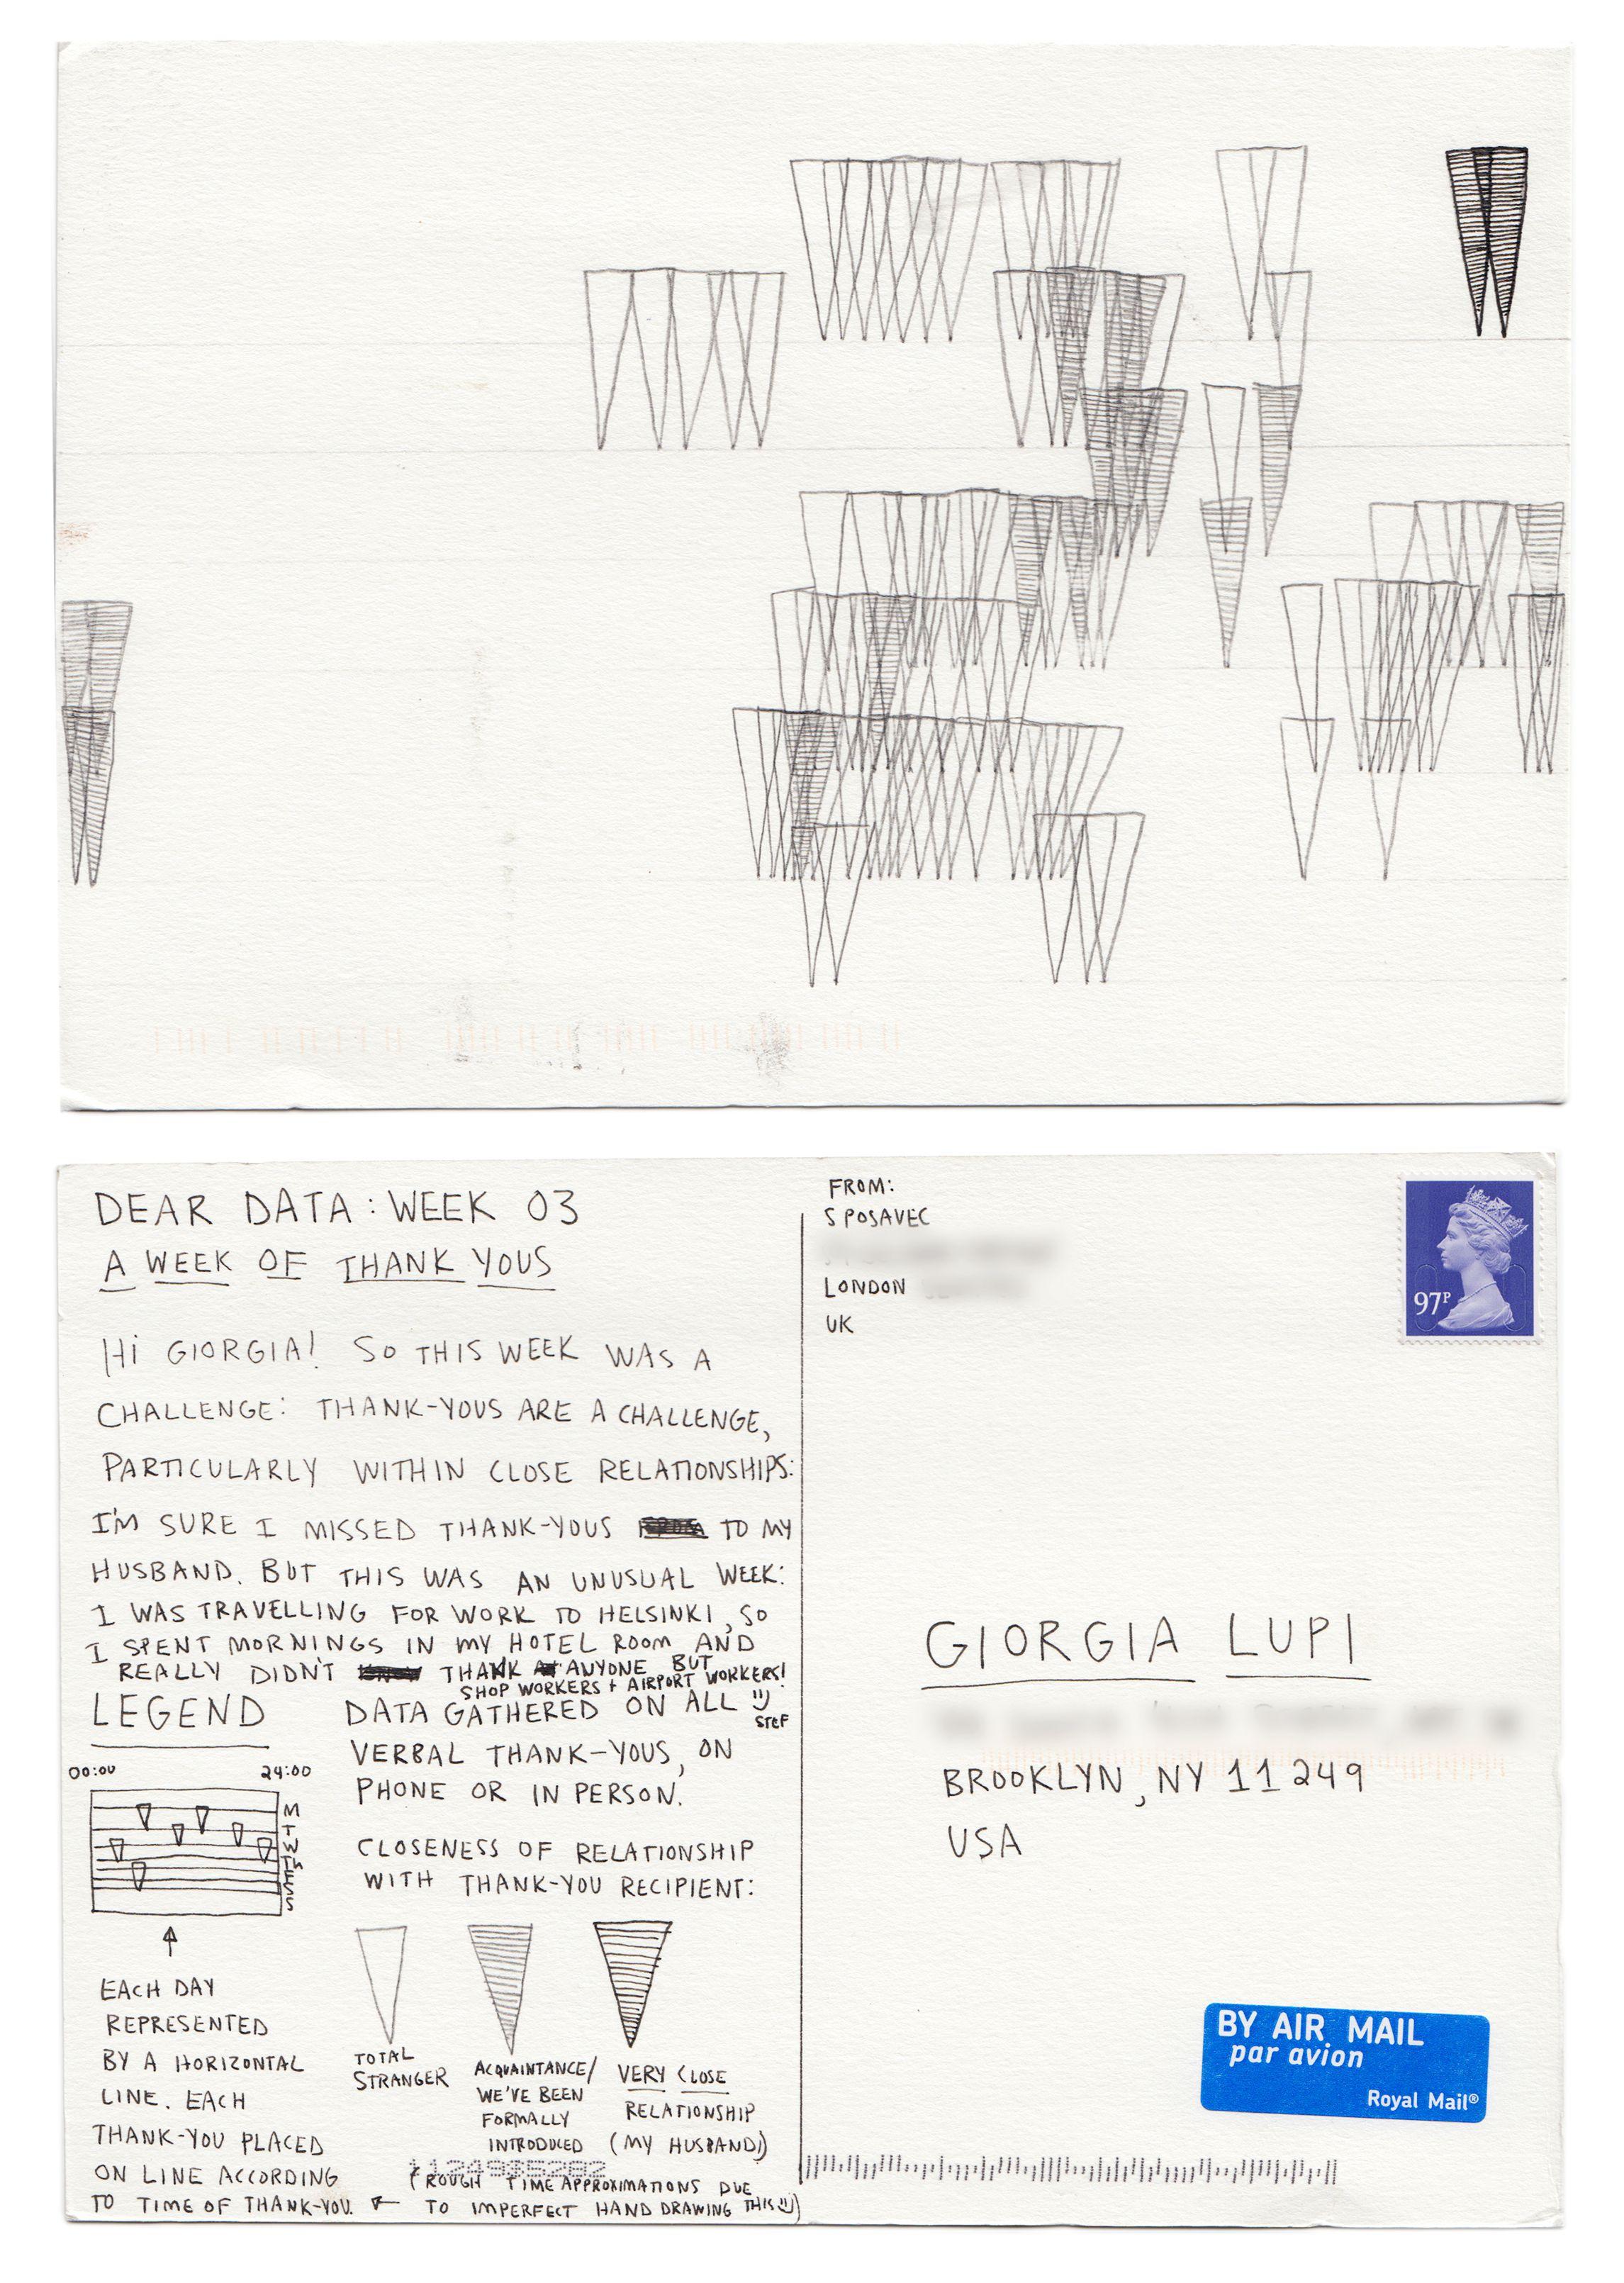 Dear Data Ar Data Week 03